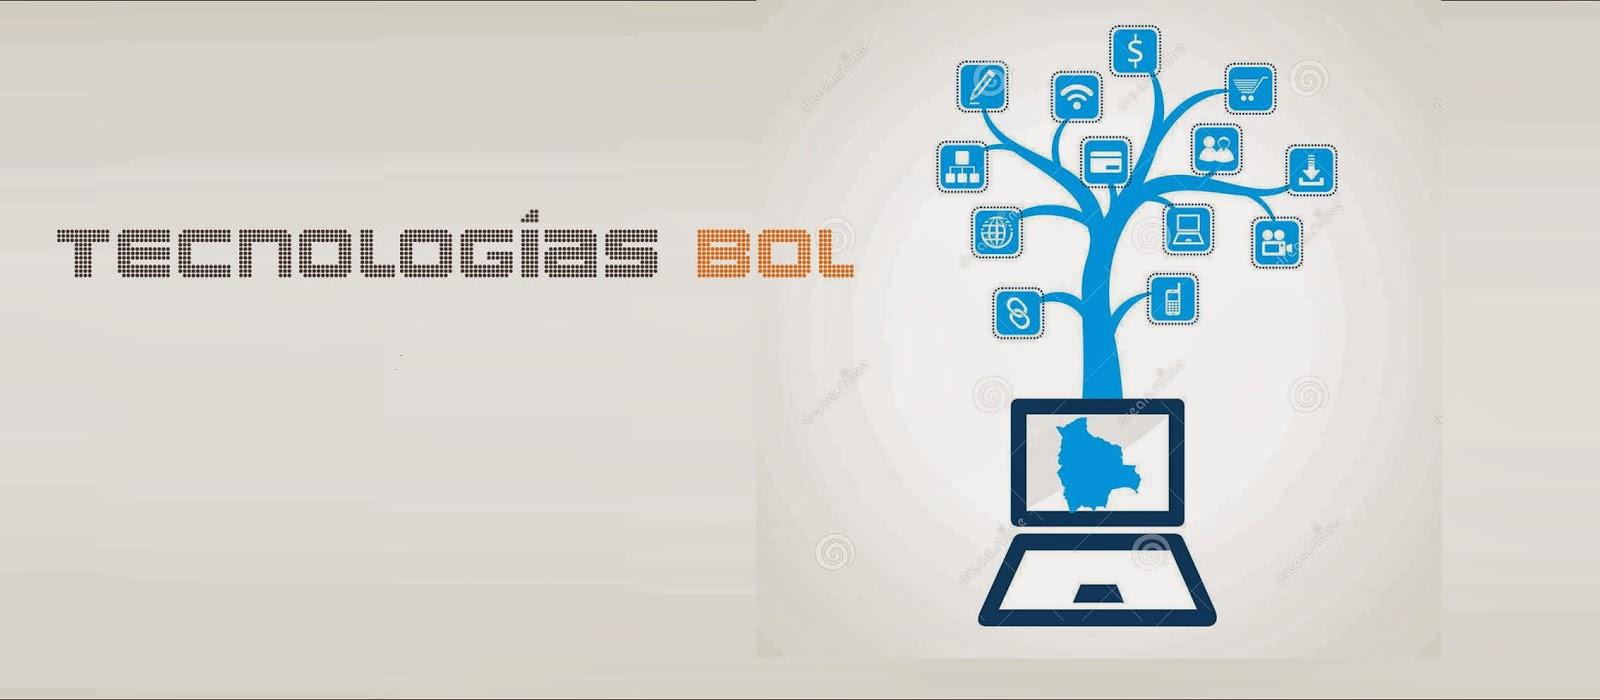 tecnologia bolivia